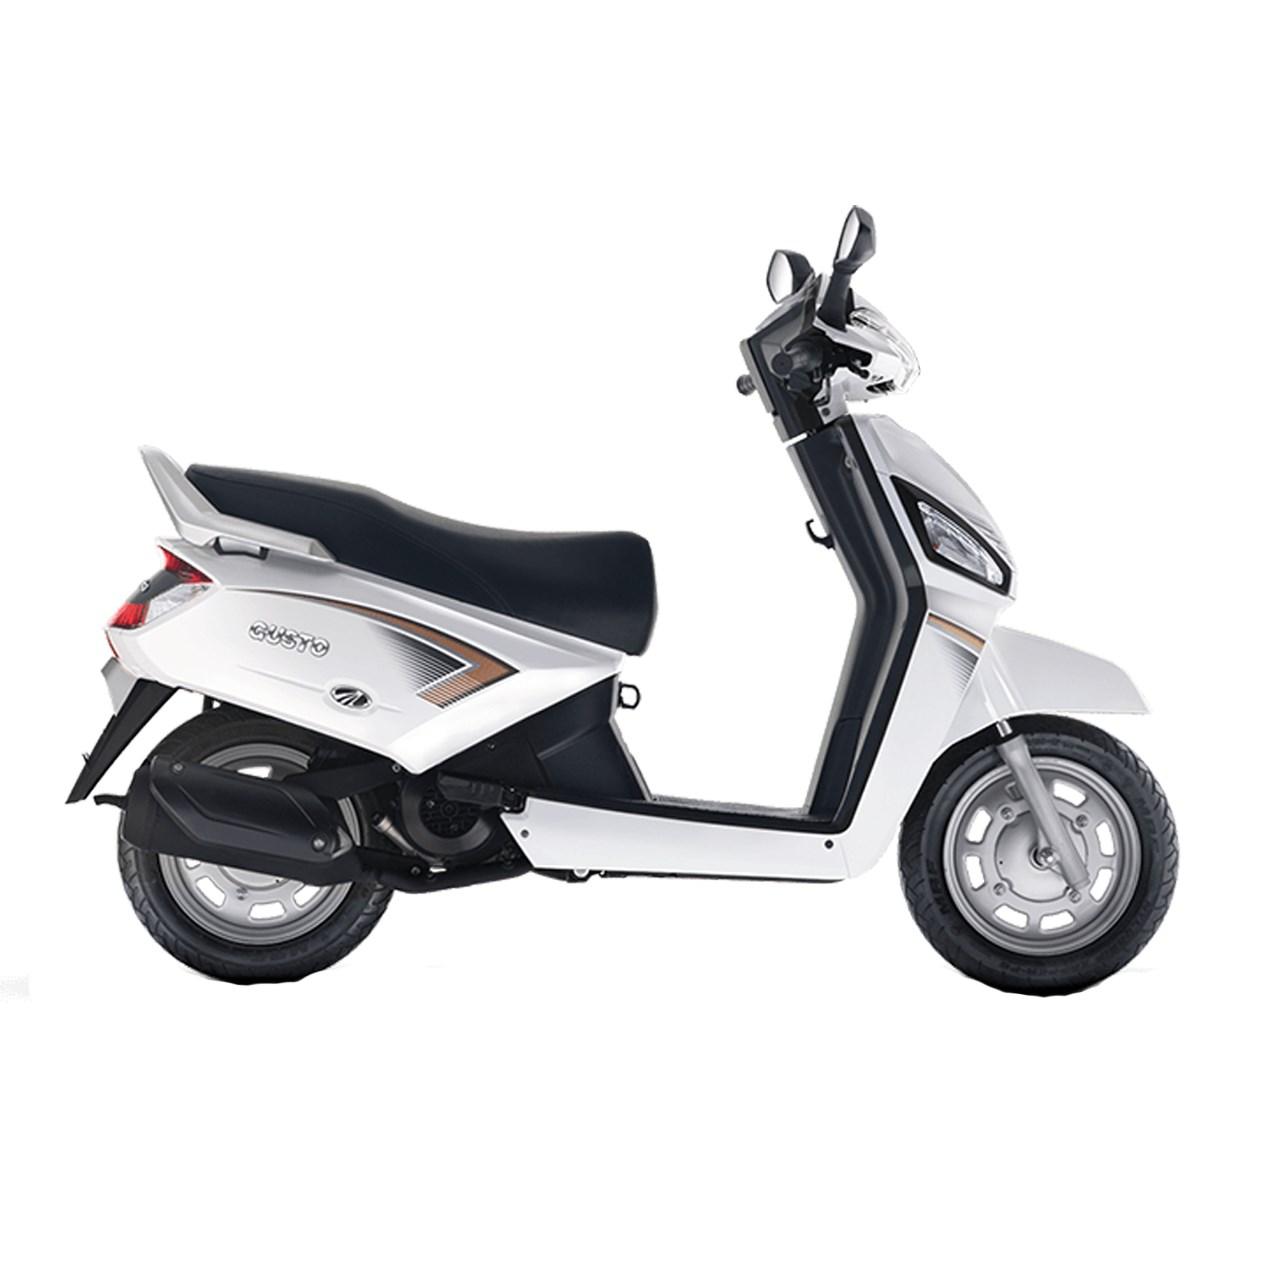 موتورسیکلت ماهیندرا گوستو ۱۱۰ سی سی سال ۱۳۹۵